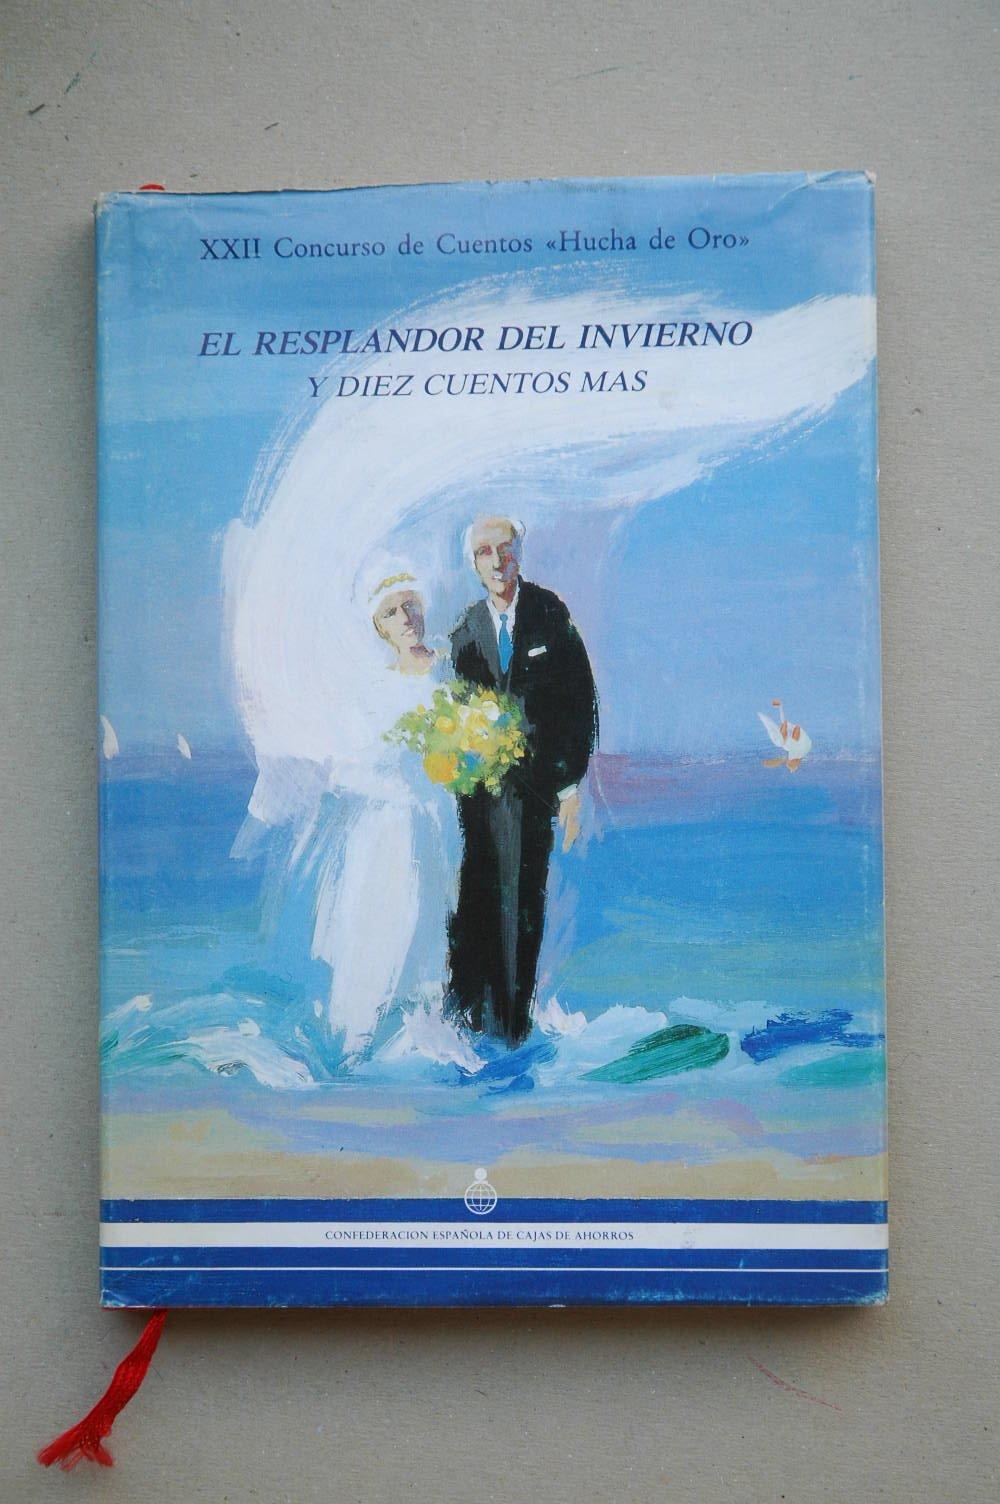 El RESPLANDOR del invierno ; y diez cuentos más / Jesús Torbado... Et al: Amazon.es: AUTORES VARIOS: Libros